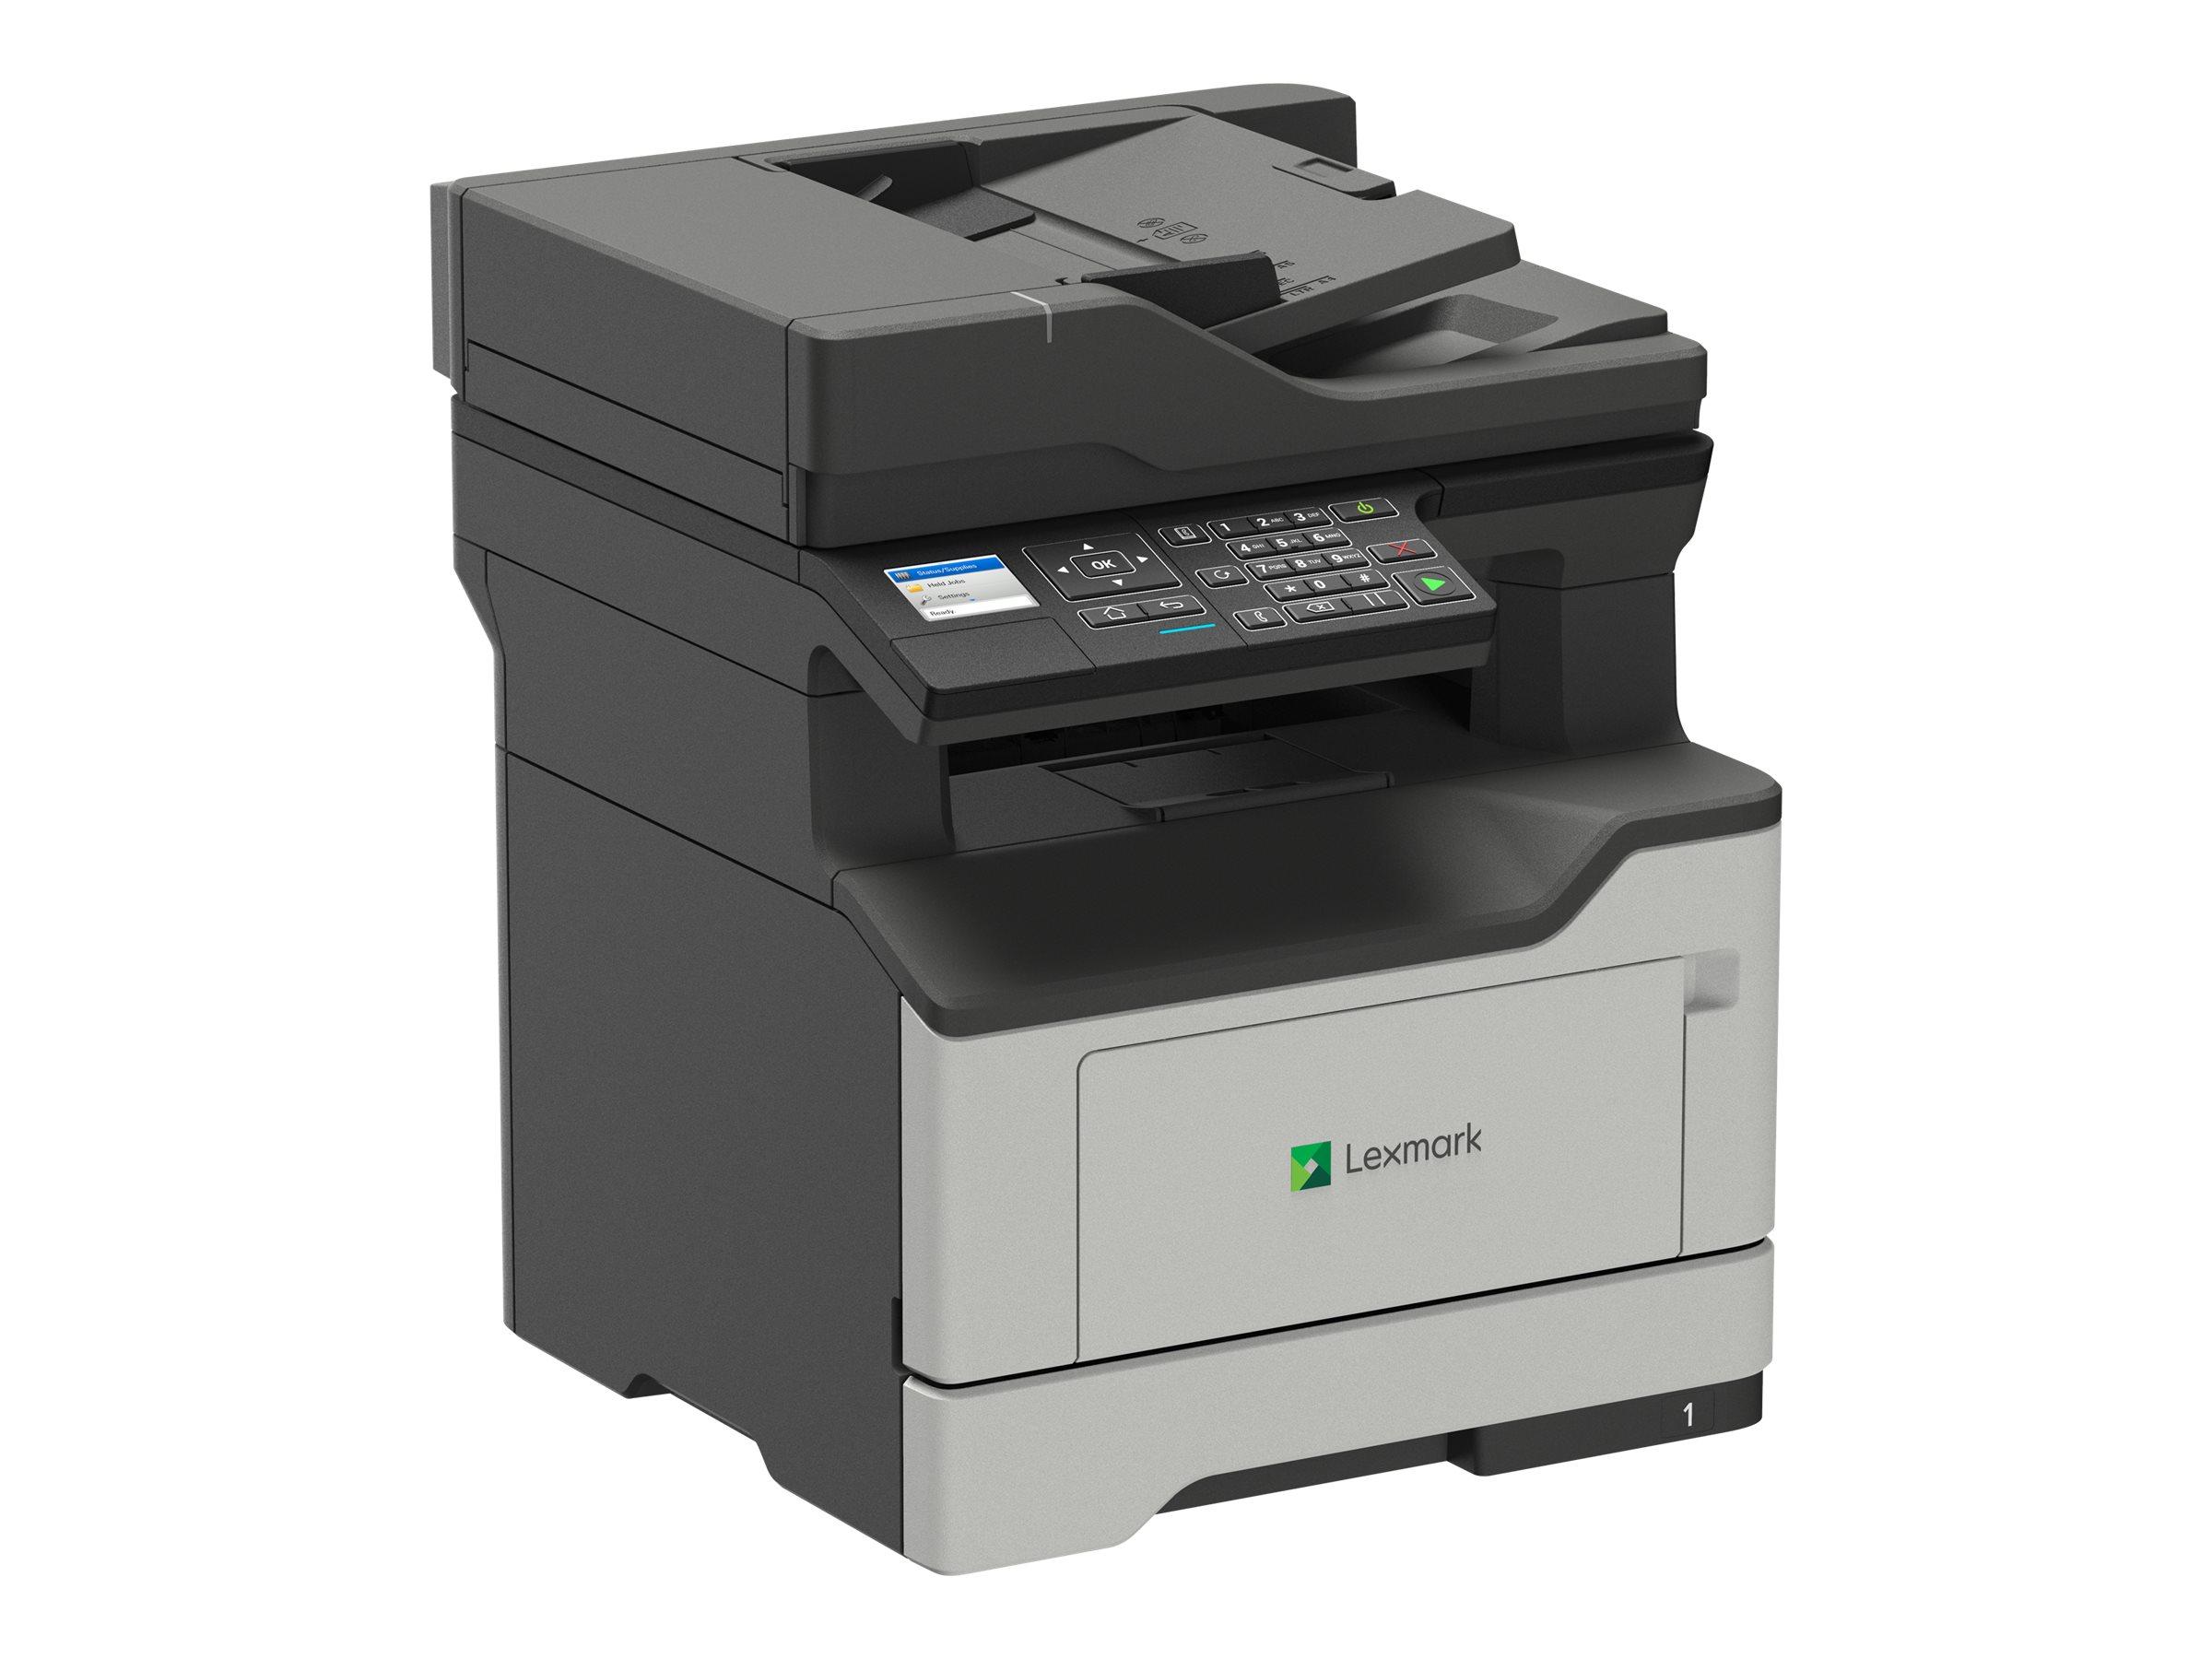 PC-Lager ApS - Sort-hvid Laser - Lexmark MB2338adw Laser